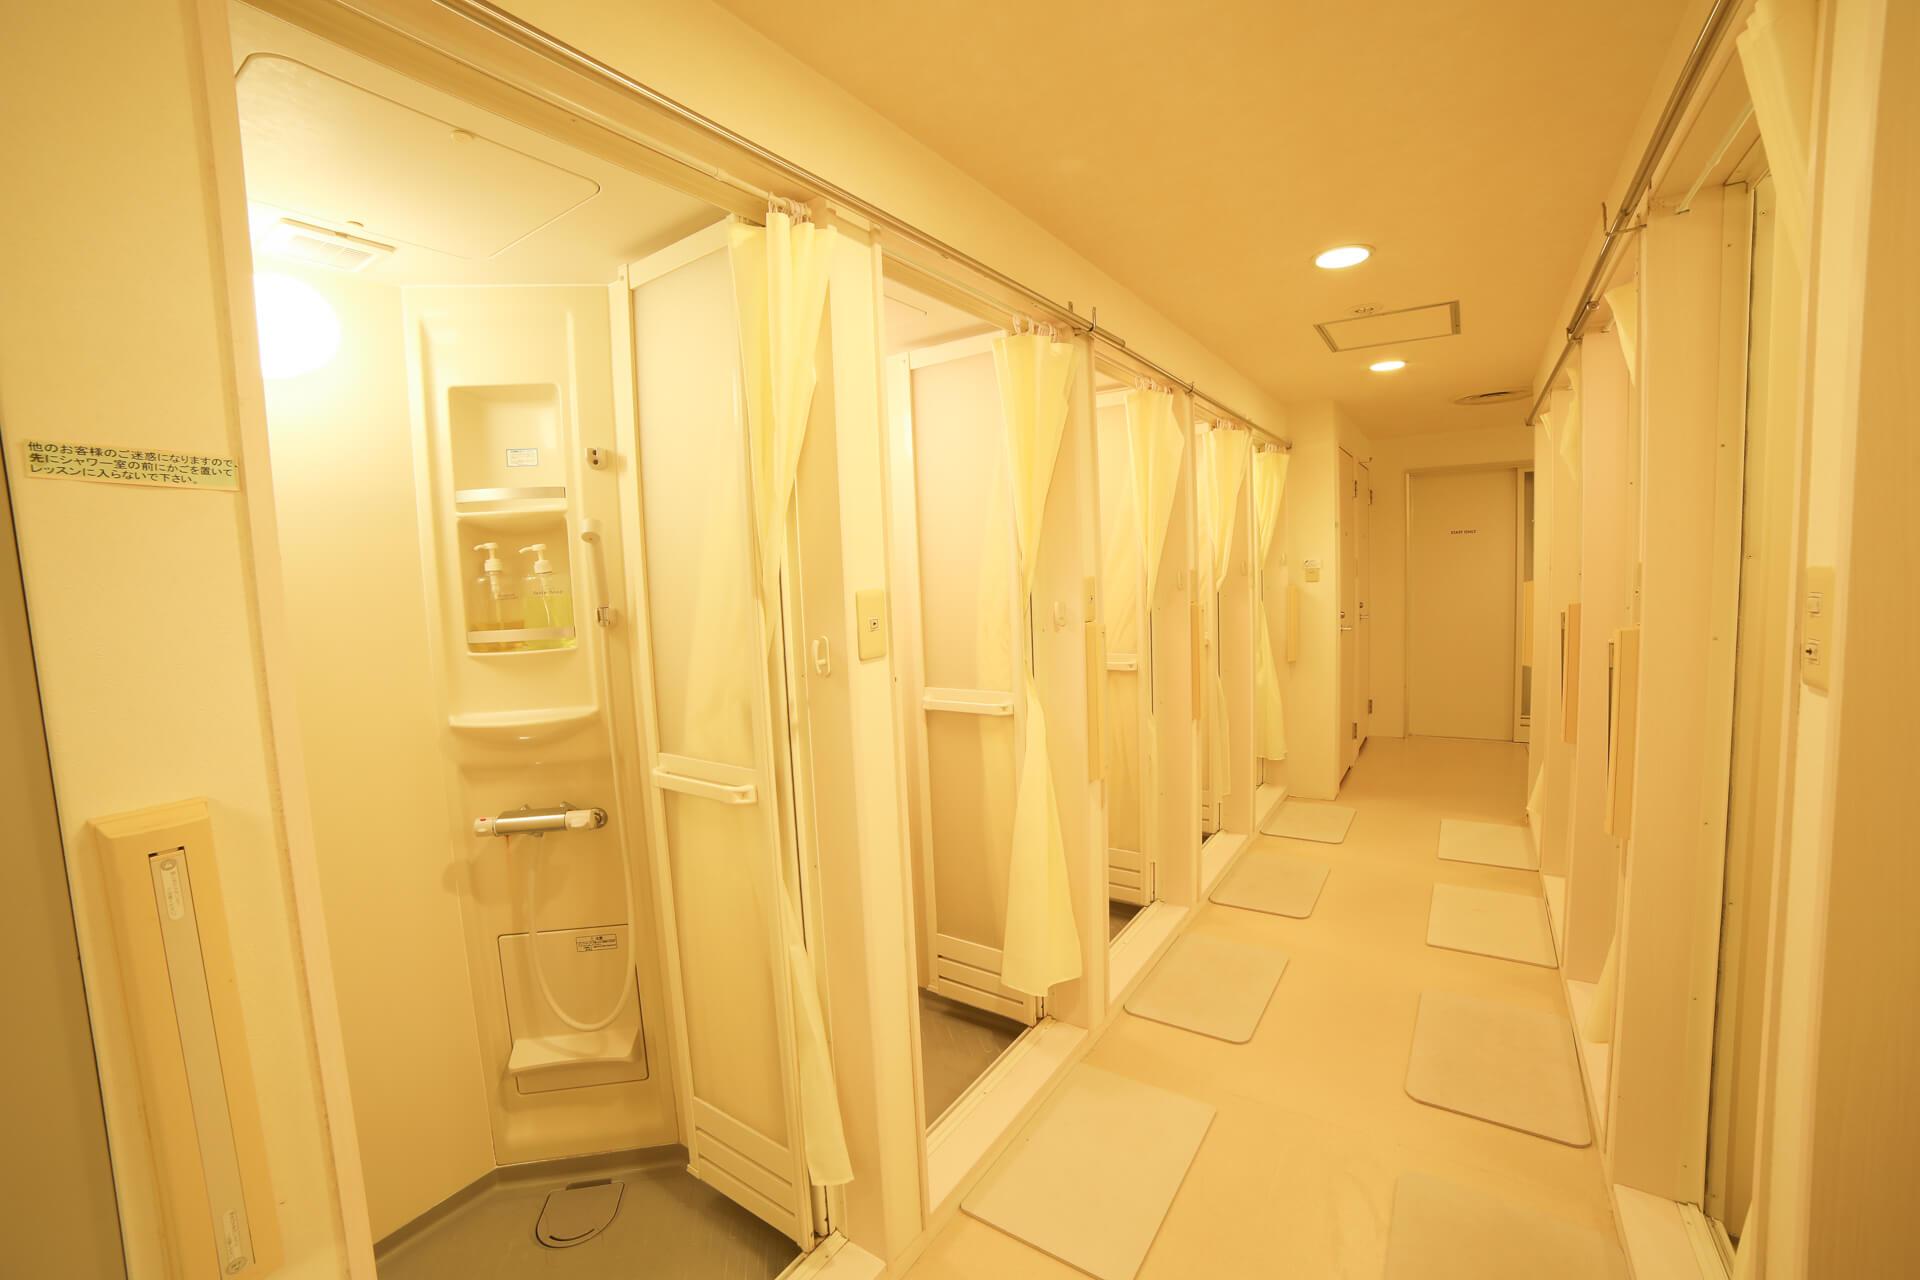 同時に10名利用できるシャワールーム